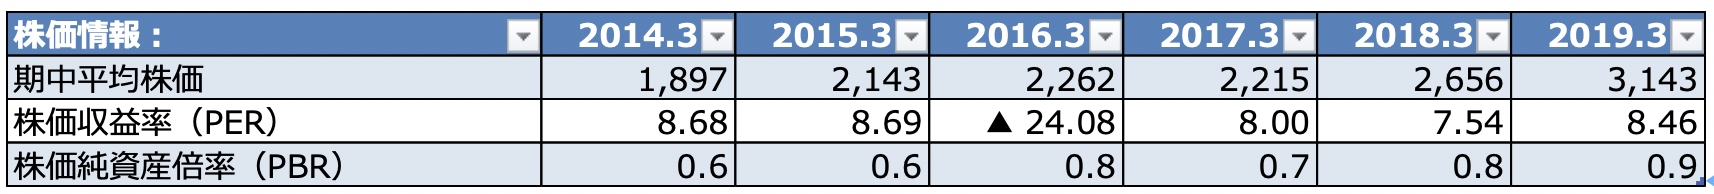 三菱商事 期中平均株価 PER PBR